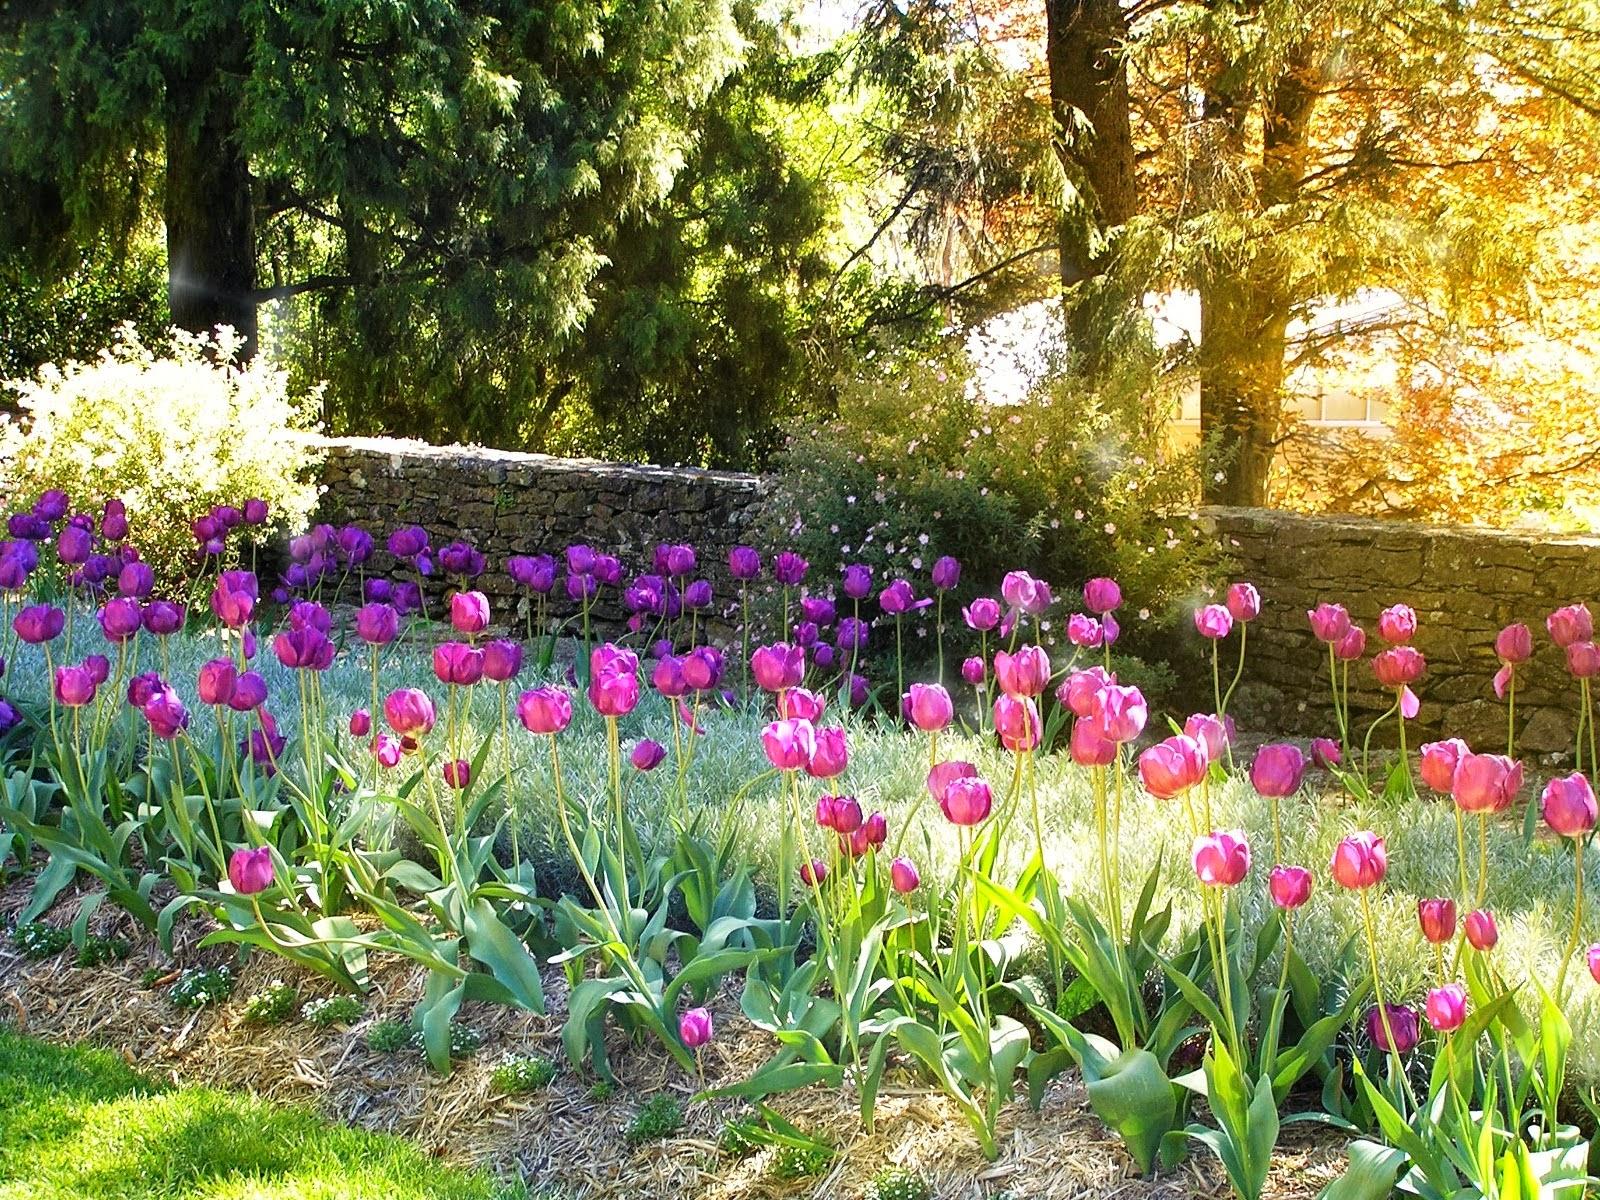 Mi pasi n la poes a llega abril con flores mil for Jardines de abril